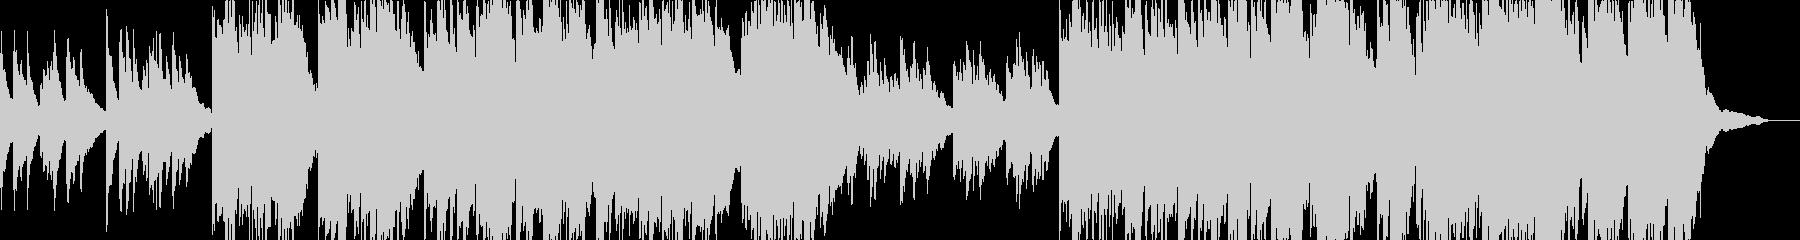 動画17 16bit48kHzVer.の未再生の波形